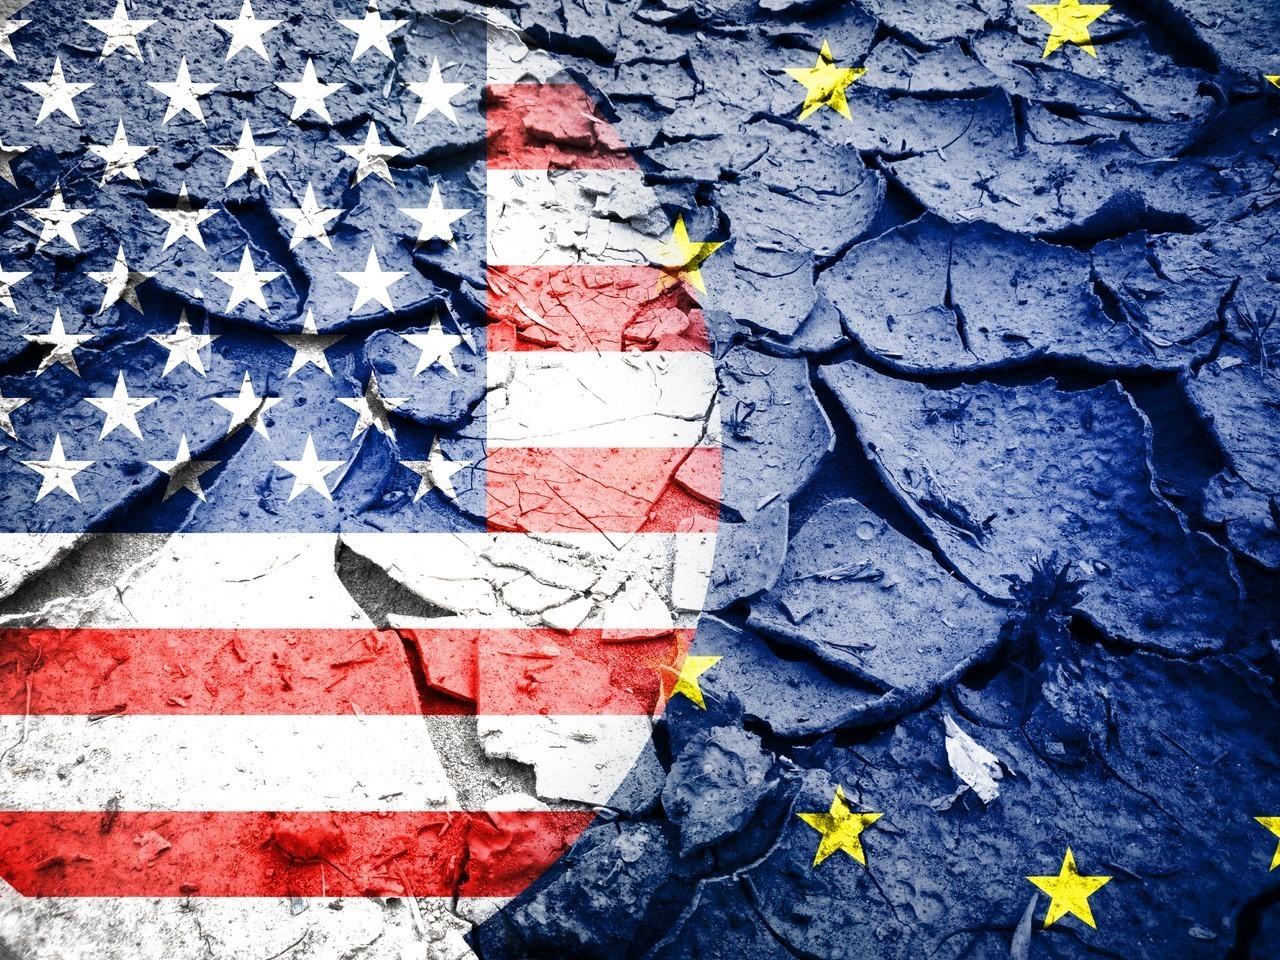 中美贸易战持续,留学美国会受影响吗?是否还应考虑去美国?